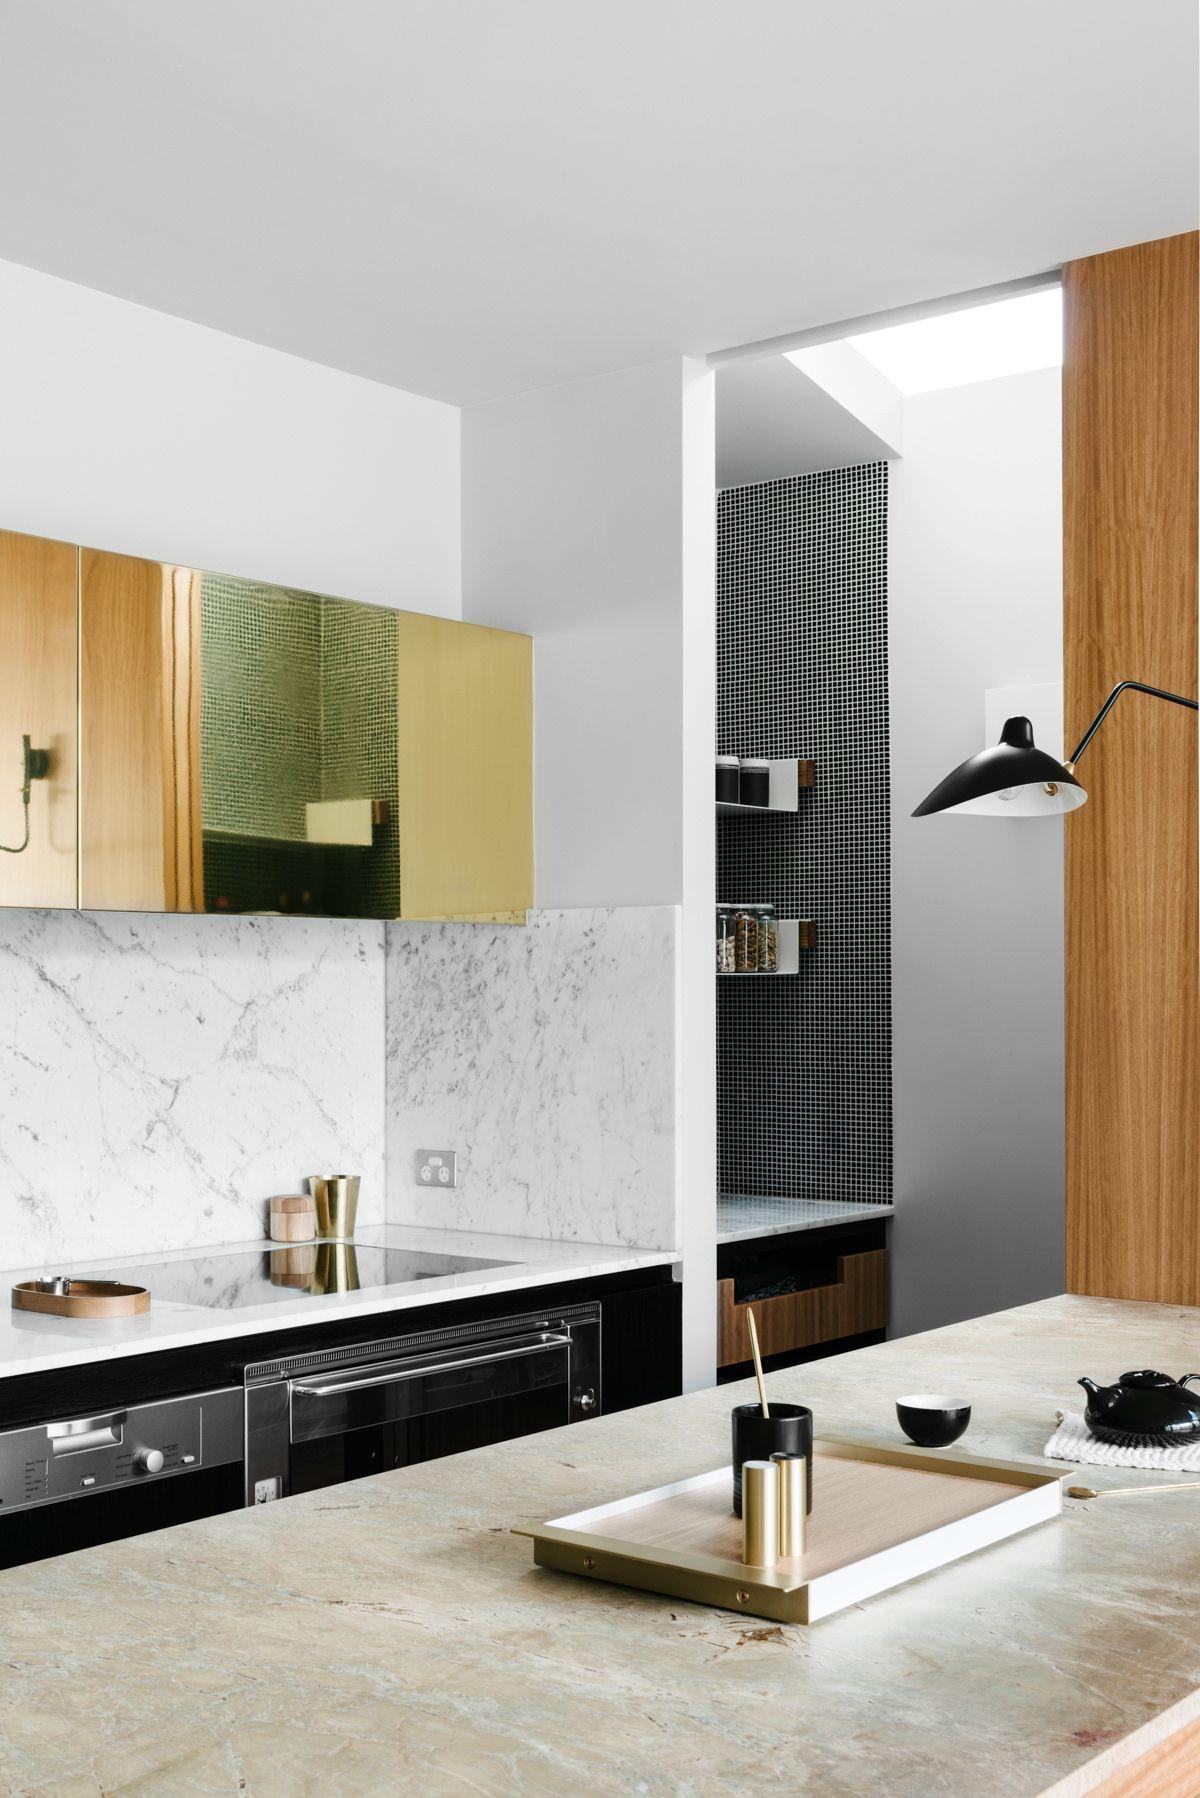 Pin von Bailey auf Discover this renovation | Pinterest